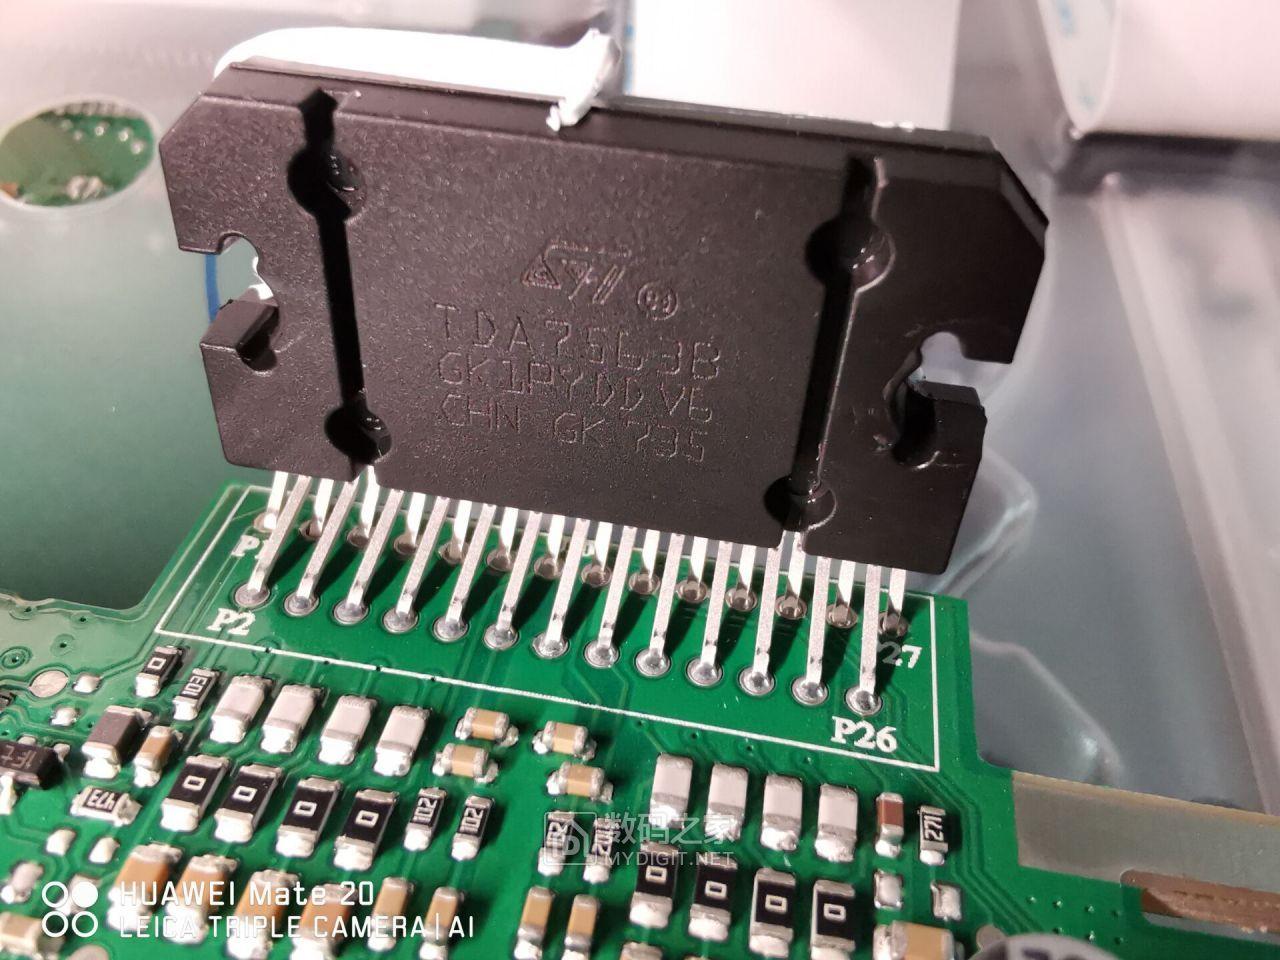 功放IC用的不是东芝方案里的TB类而是TDA7563B,音质很棒哦